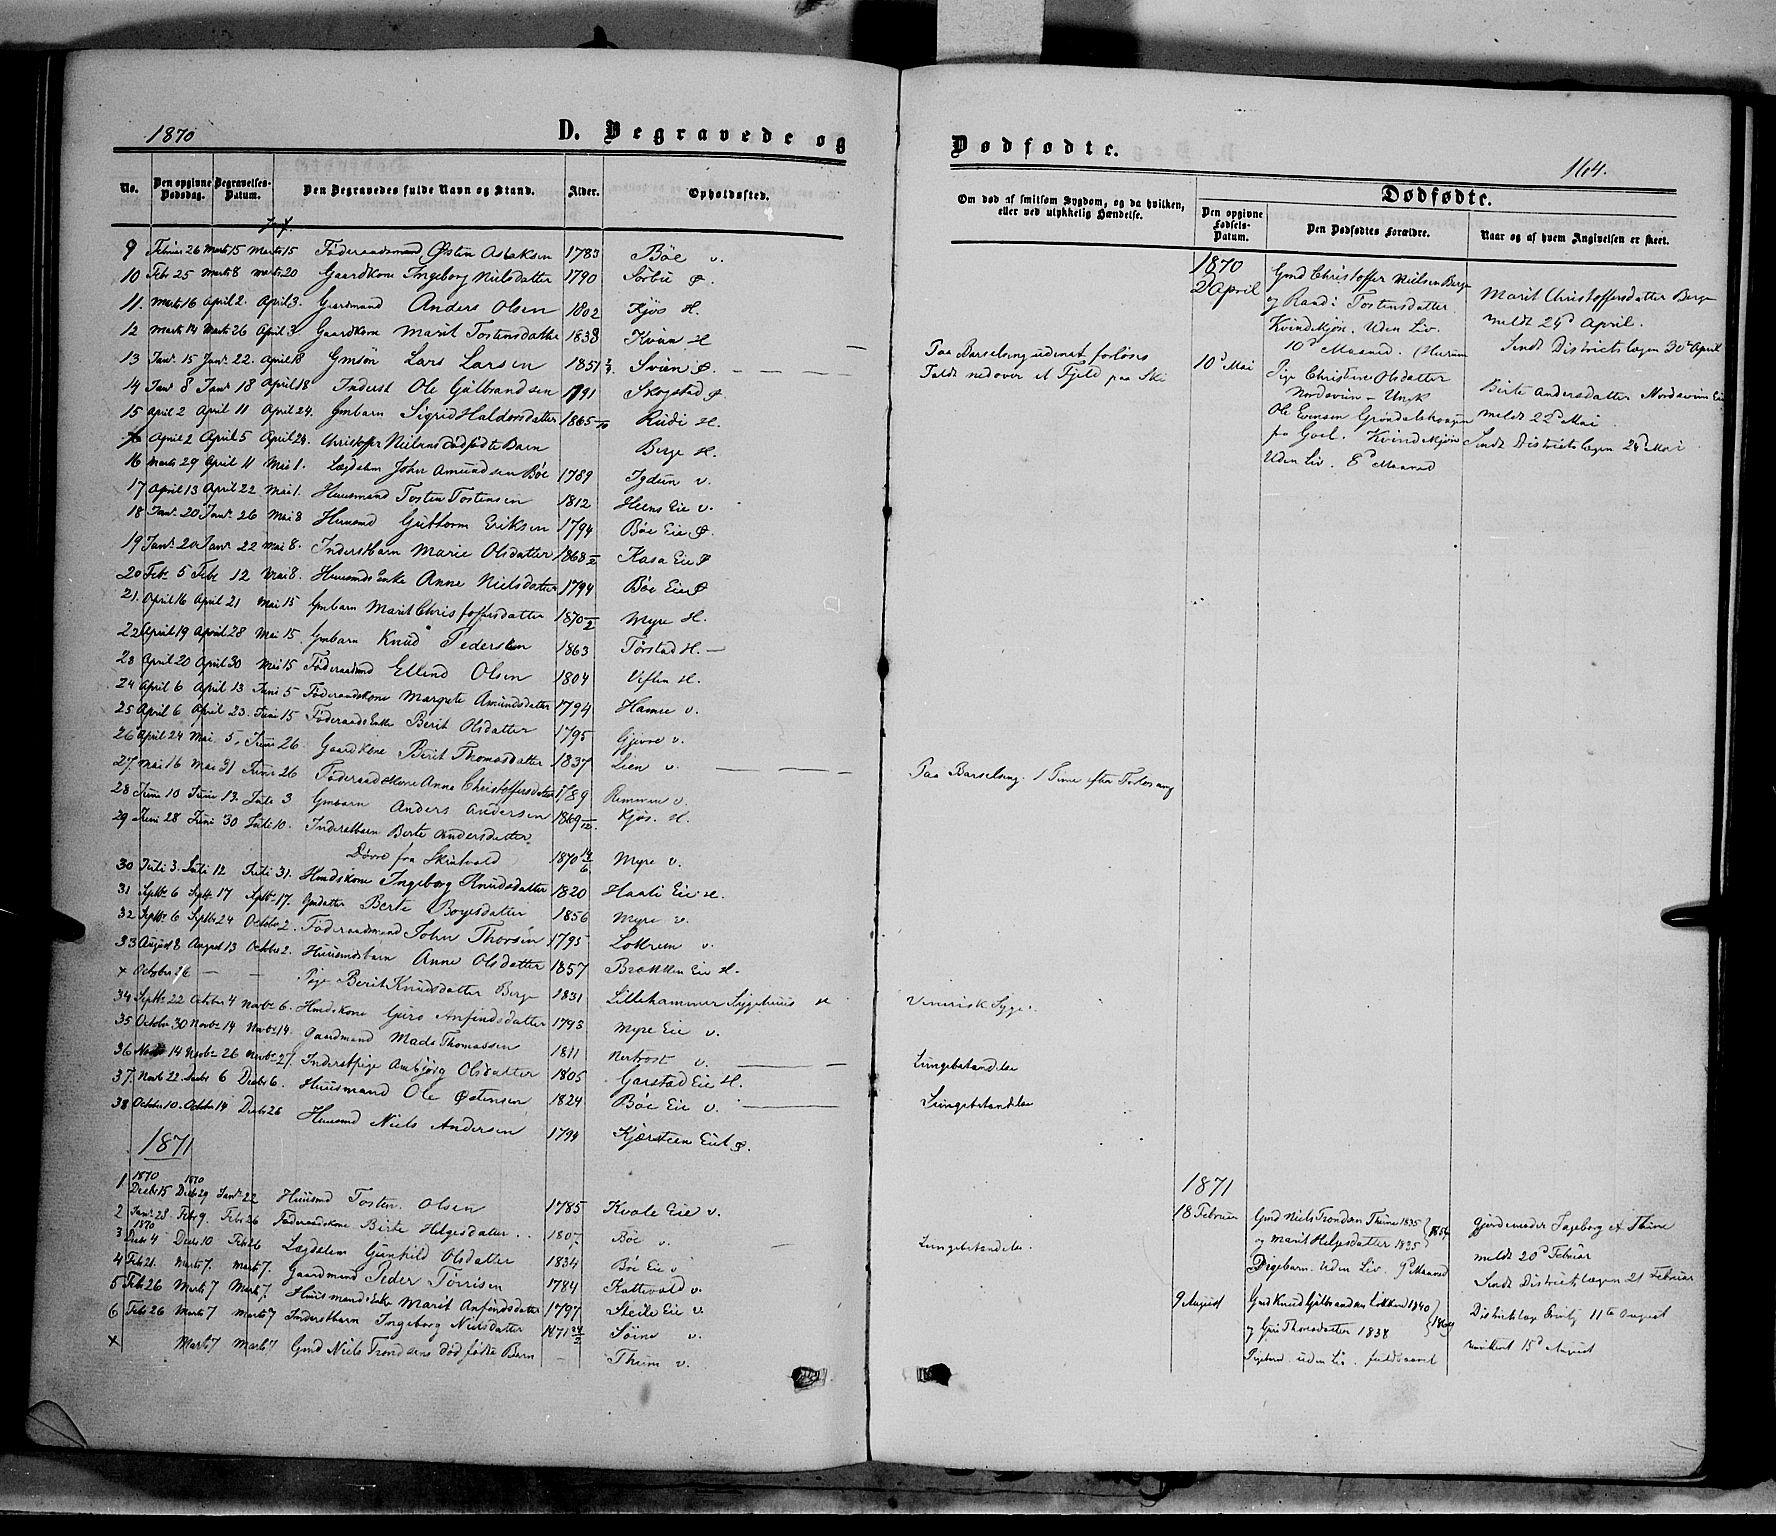 SAH, Vang prestekontor, Valdres, Ministerialbok nr. 7, 1865-1881, s. 164